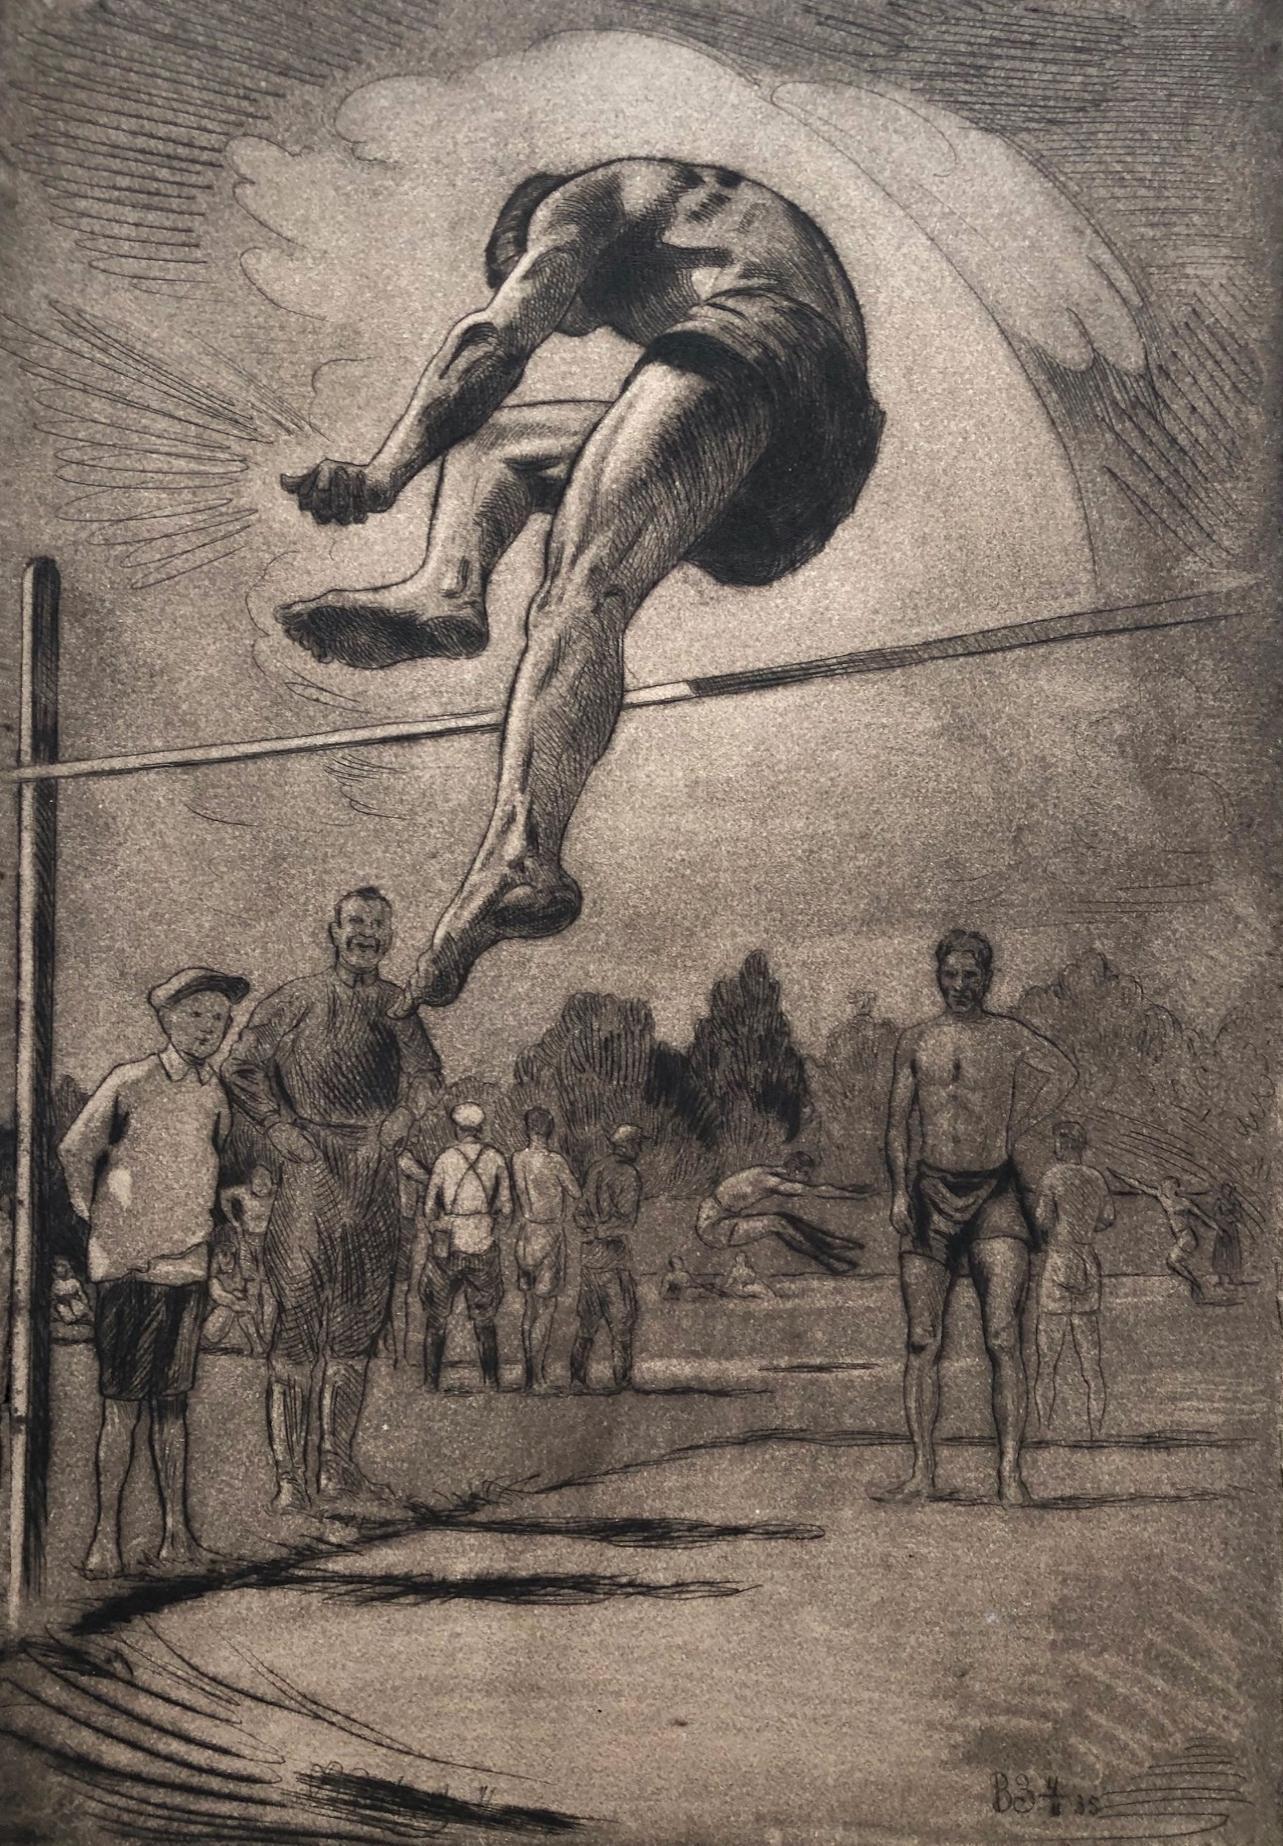 Завьялов Василий Васильевич. Прыжки в высоту